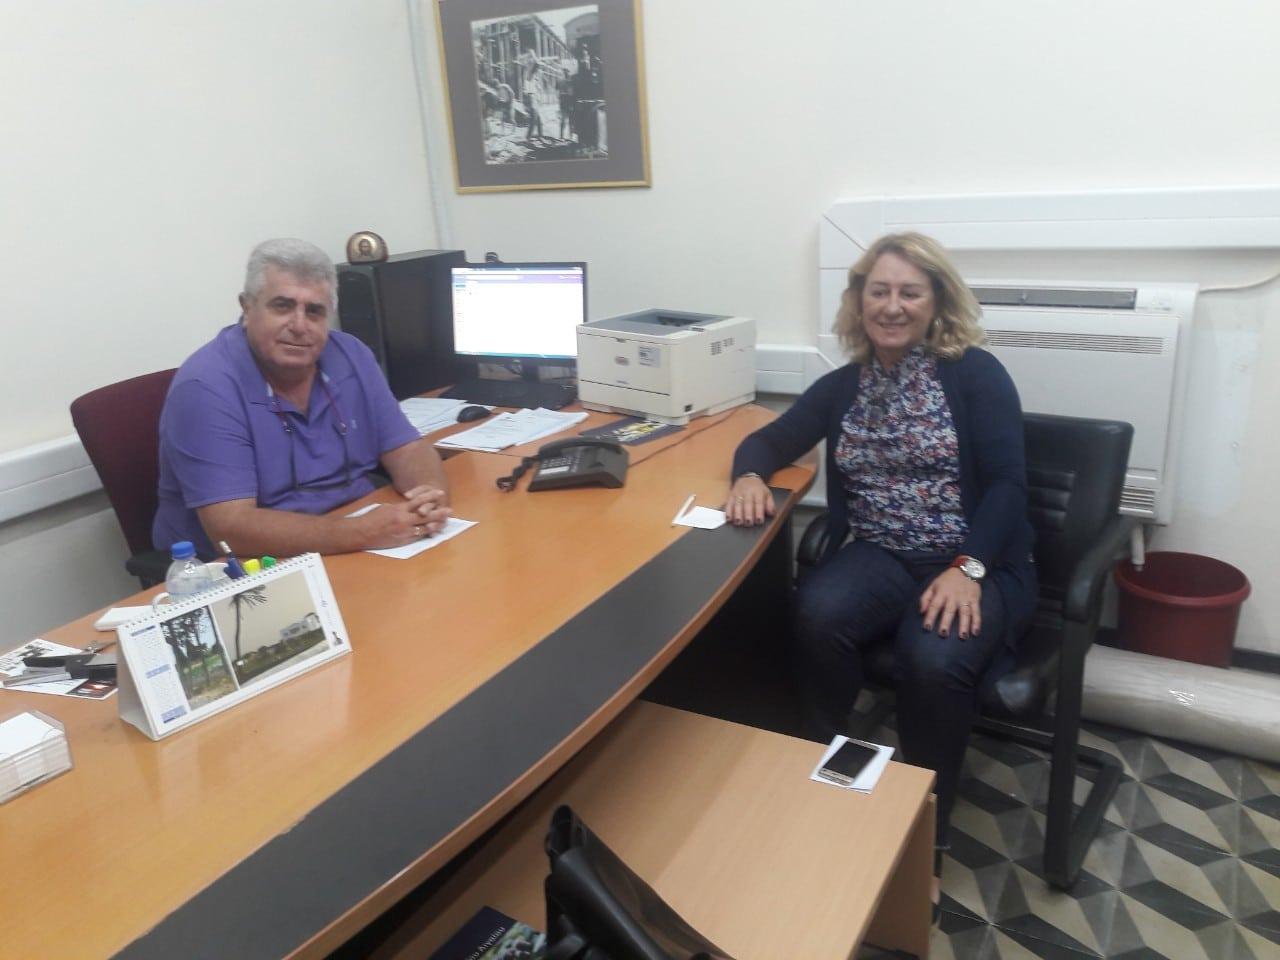 Συνάντηση του Φιλήμονα Ζαννετίδη με την διεύθυνση του ΟΠΕΚΕΠΕ